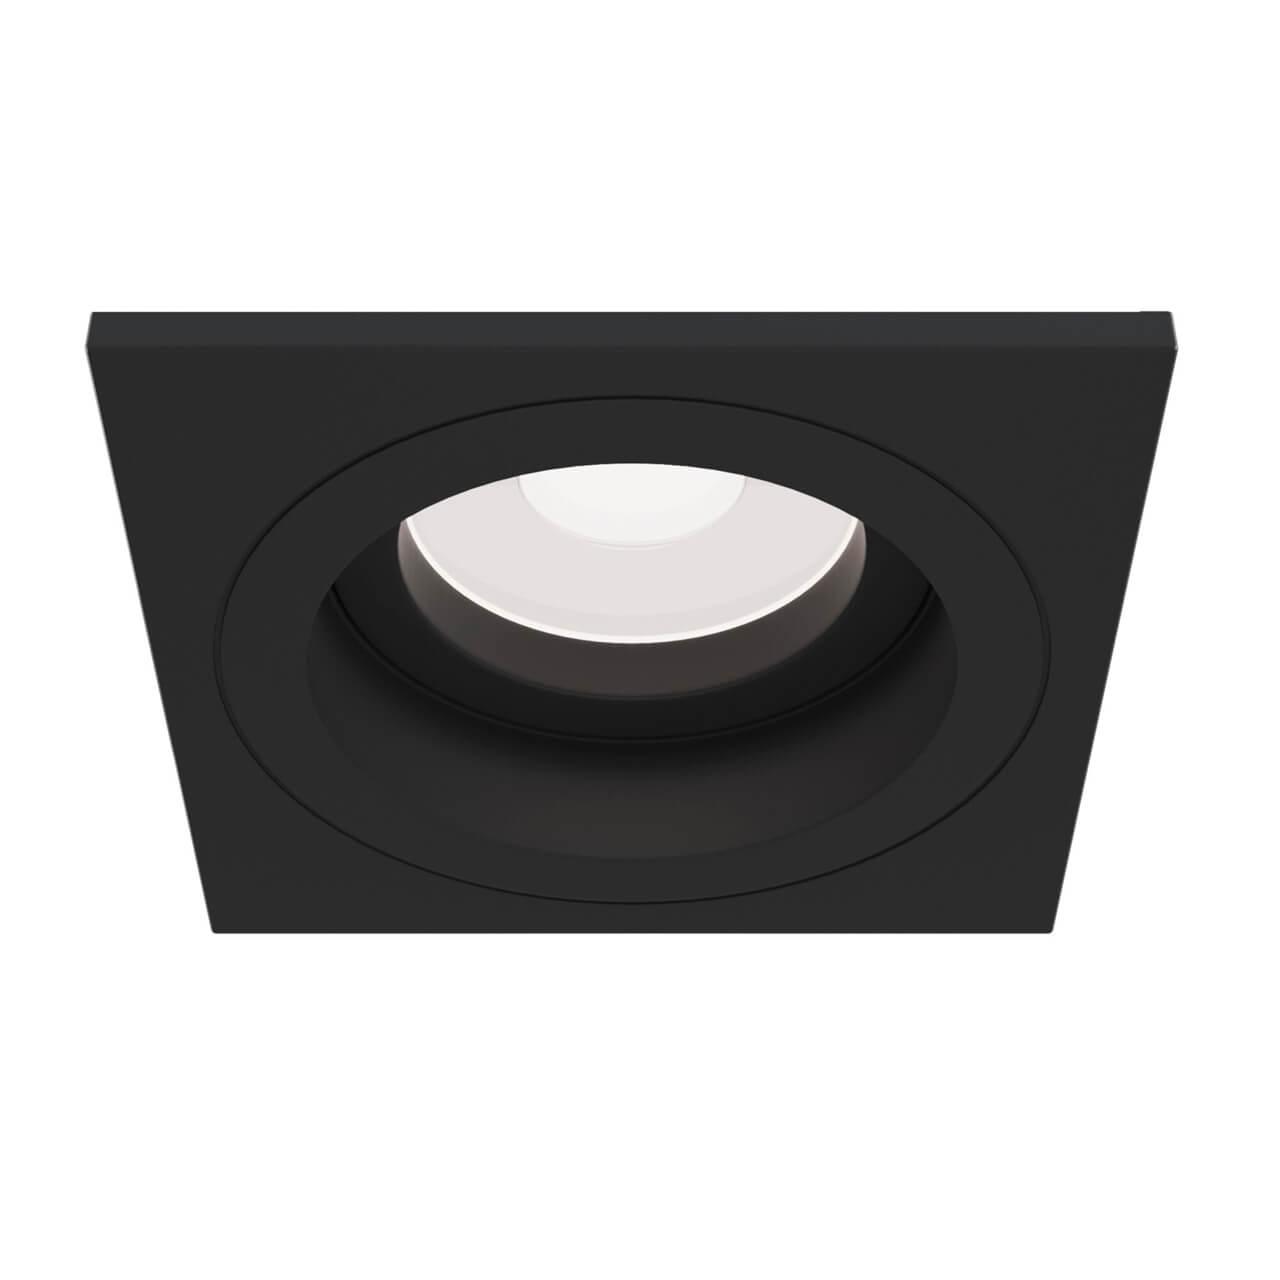 Светильник Maytoni DL026-2-01B Akron встраиваемый светильник maytoni dl026 2 01w